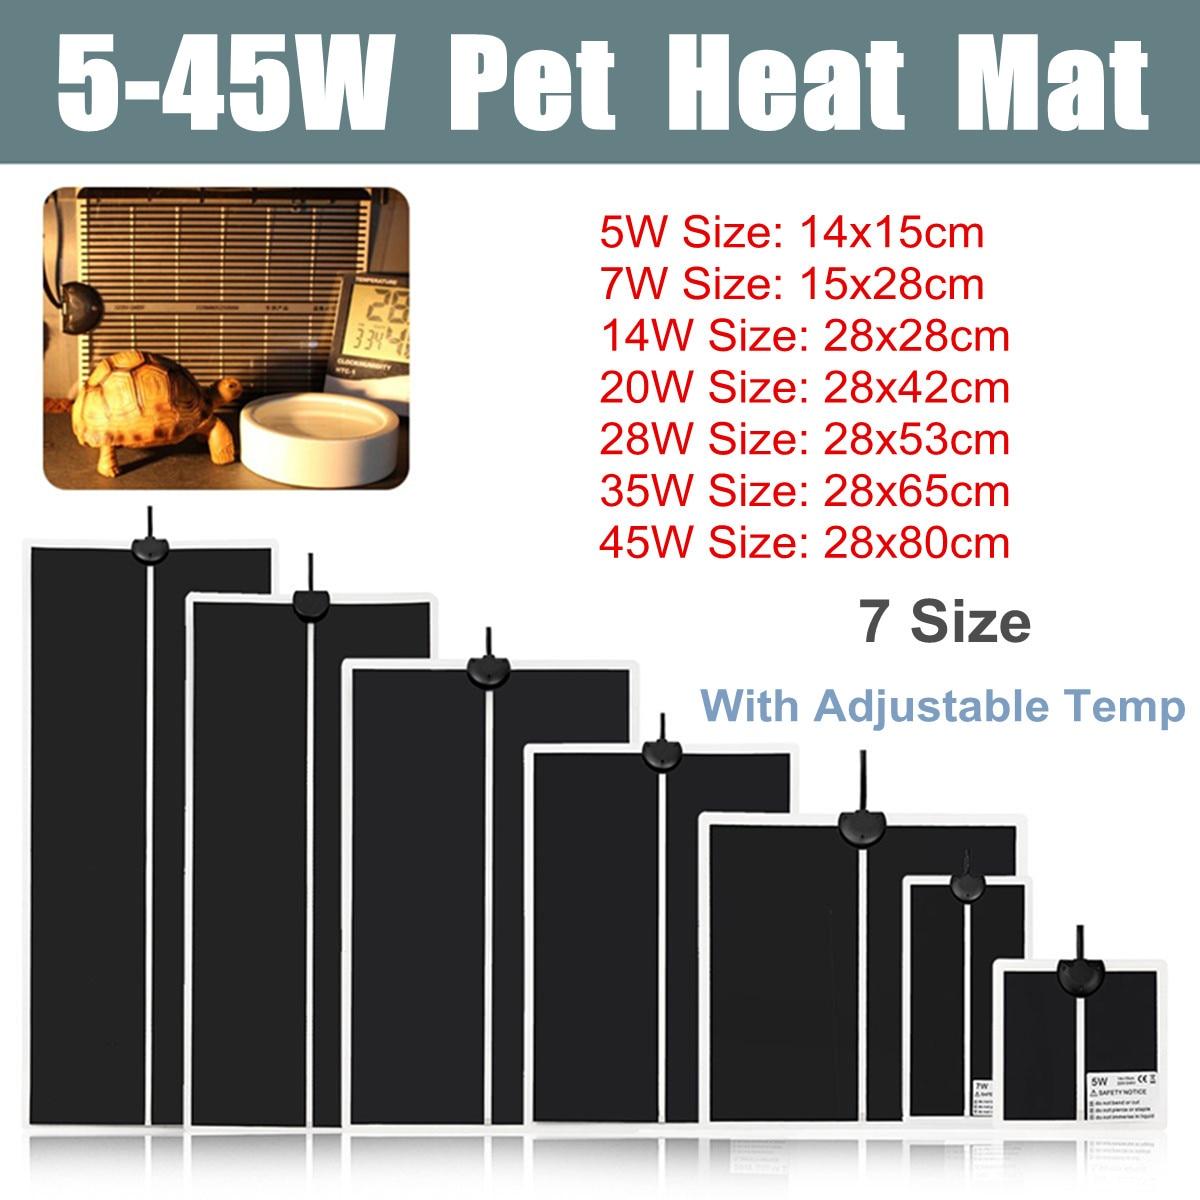 5-45 w terrarium répteis esteira de calor escalada pet aquecimento almofadas quentes ajustável controlador de temperatura esteiras suprimentos répteis